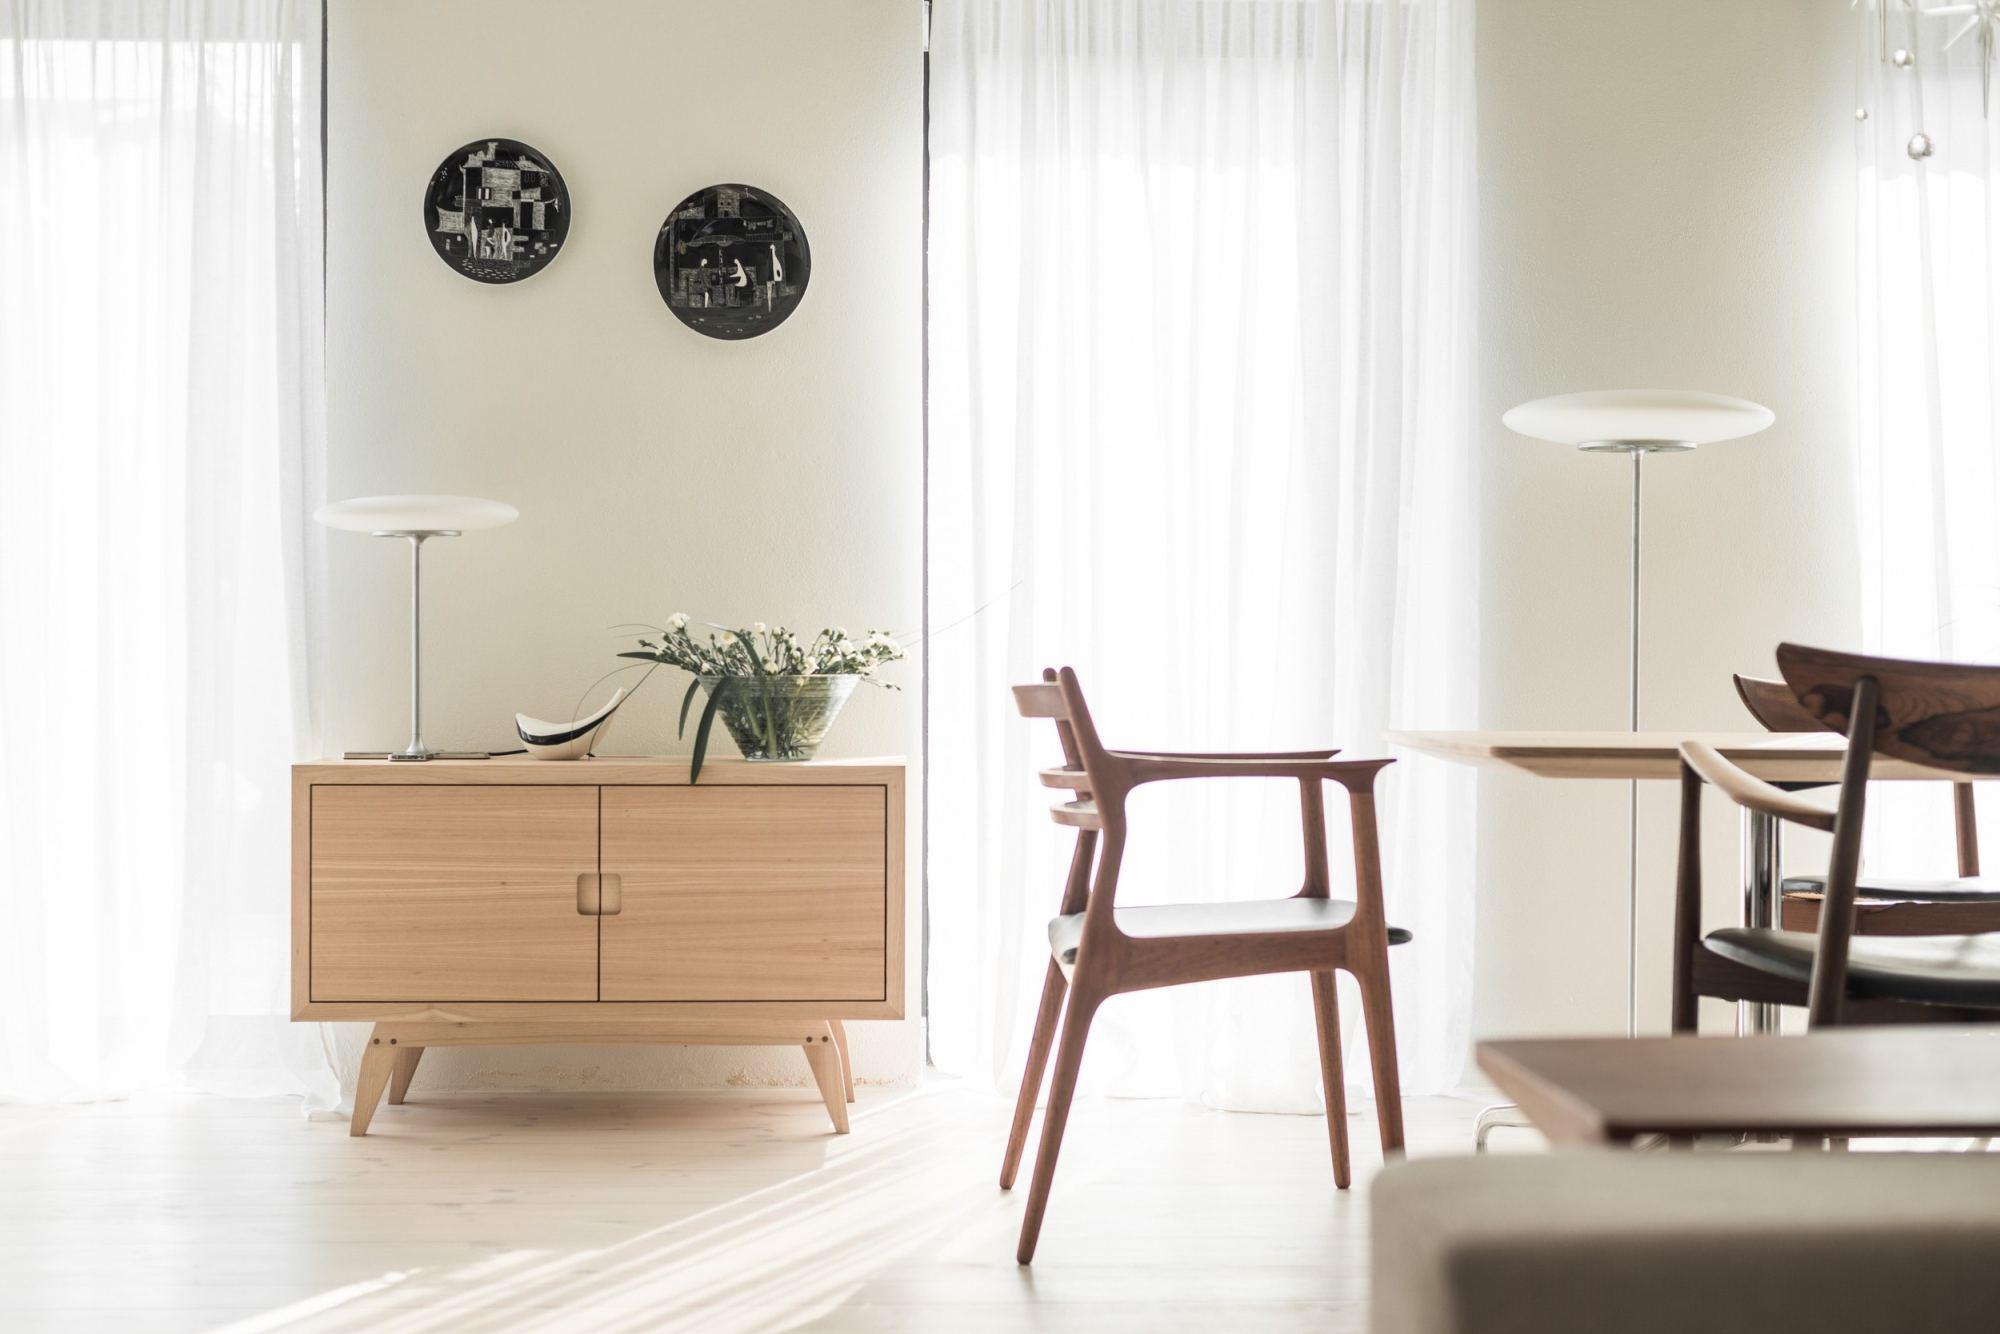 Интерьер 2020 года: актуальное в дизайне квартир и домов - «Дизайн интерьера»